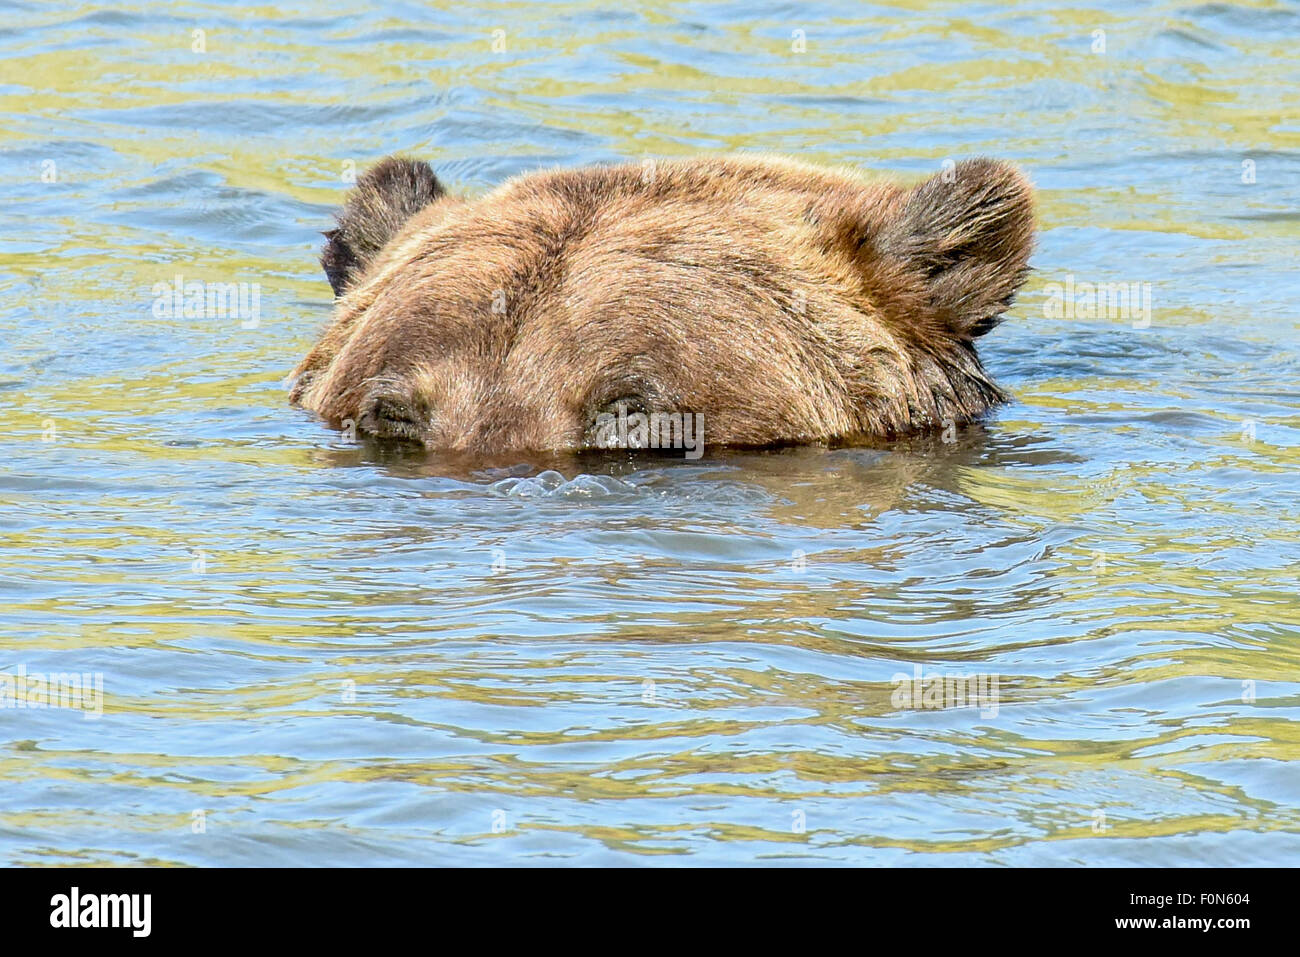 Eine versunkene Braunbär / Grizzly Bear bläst Luftblasen aus seiner Schnauze in einem Alaskan Bach (in Stockbild